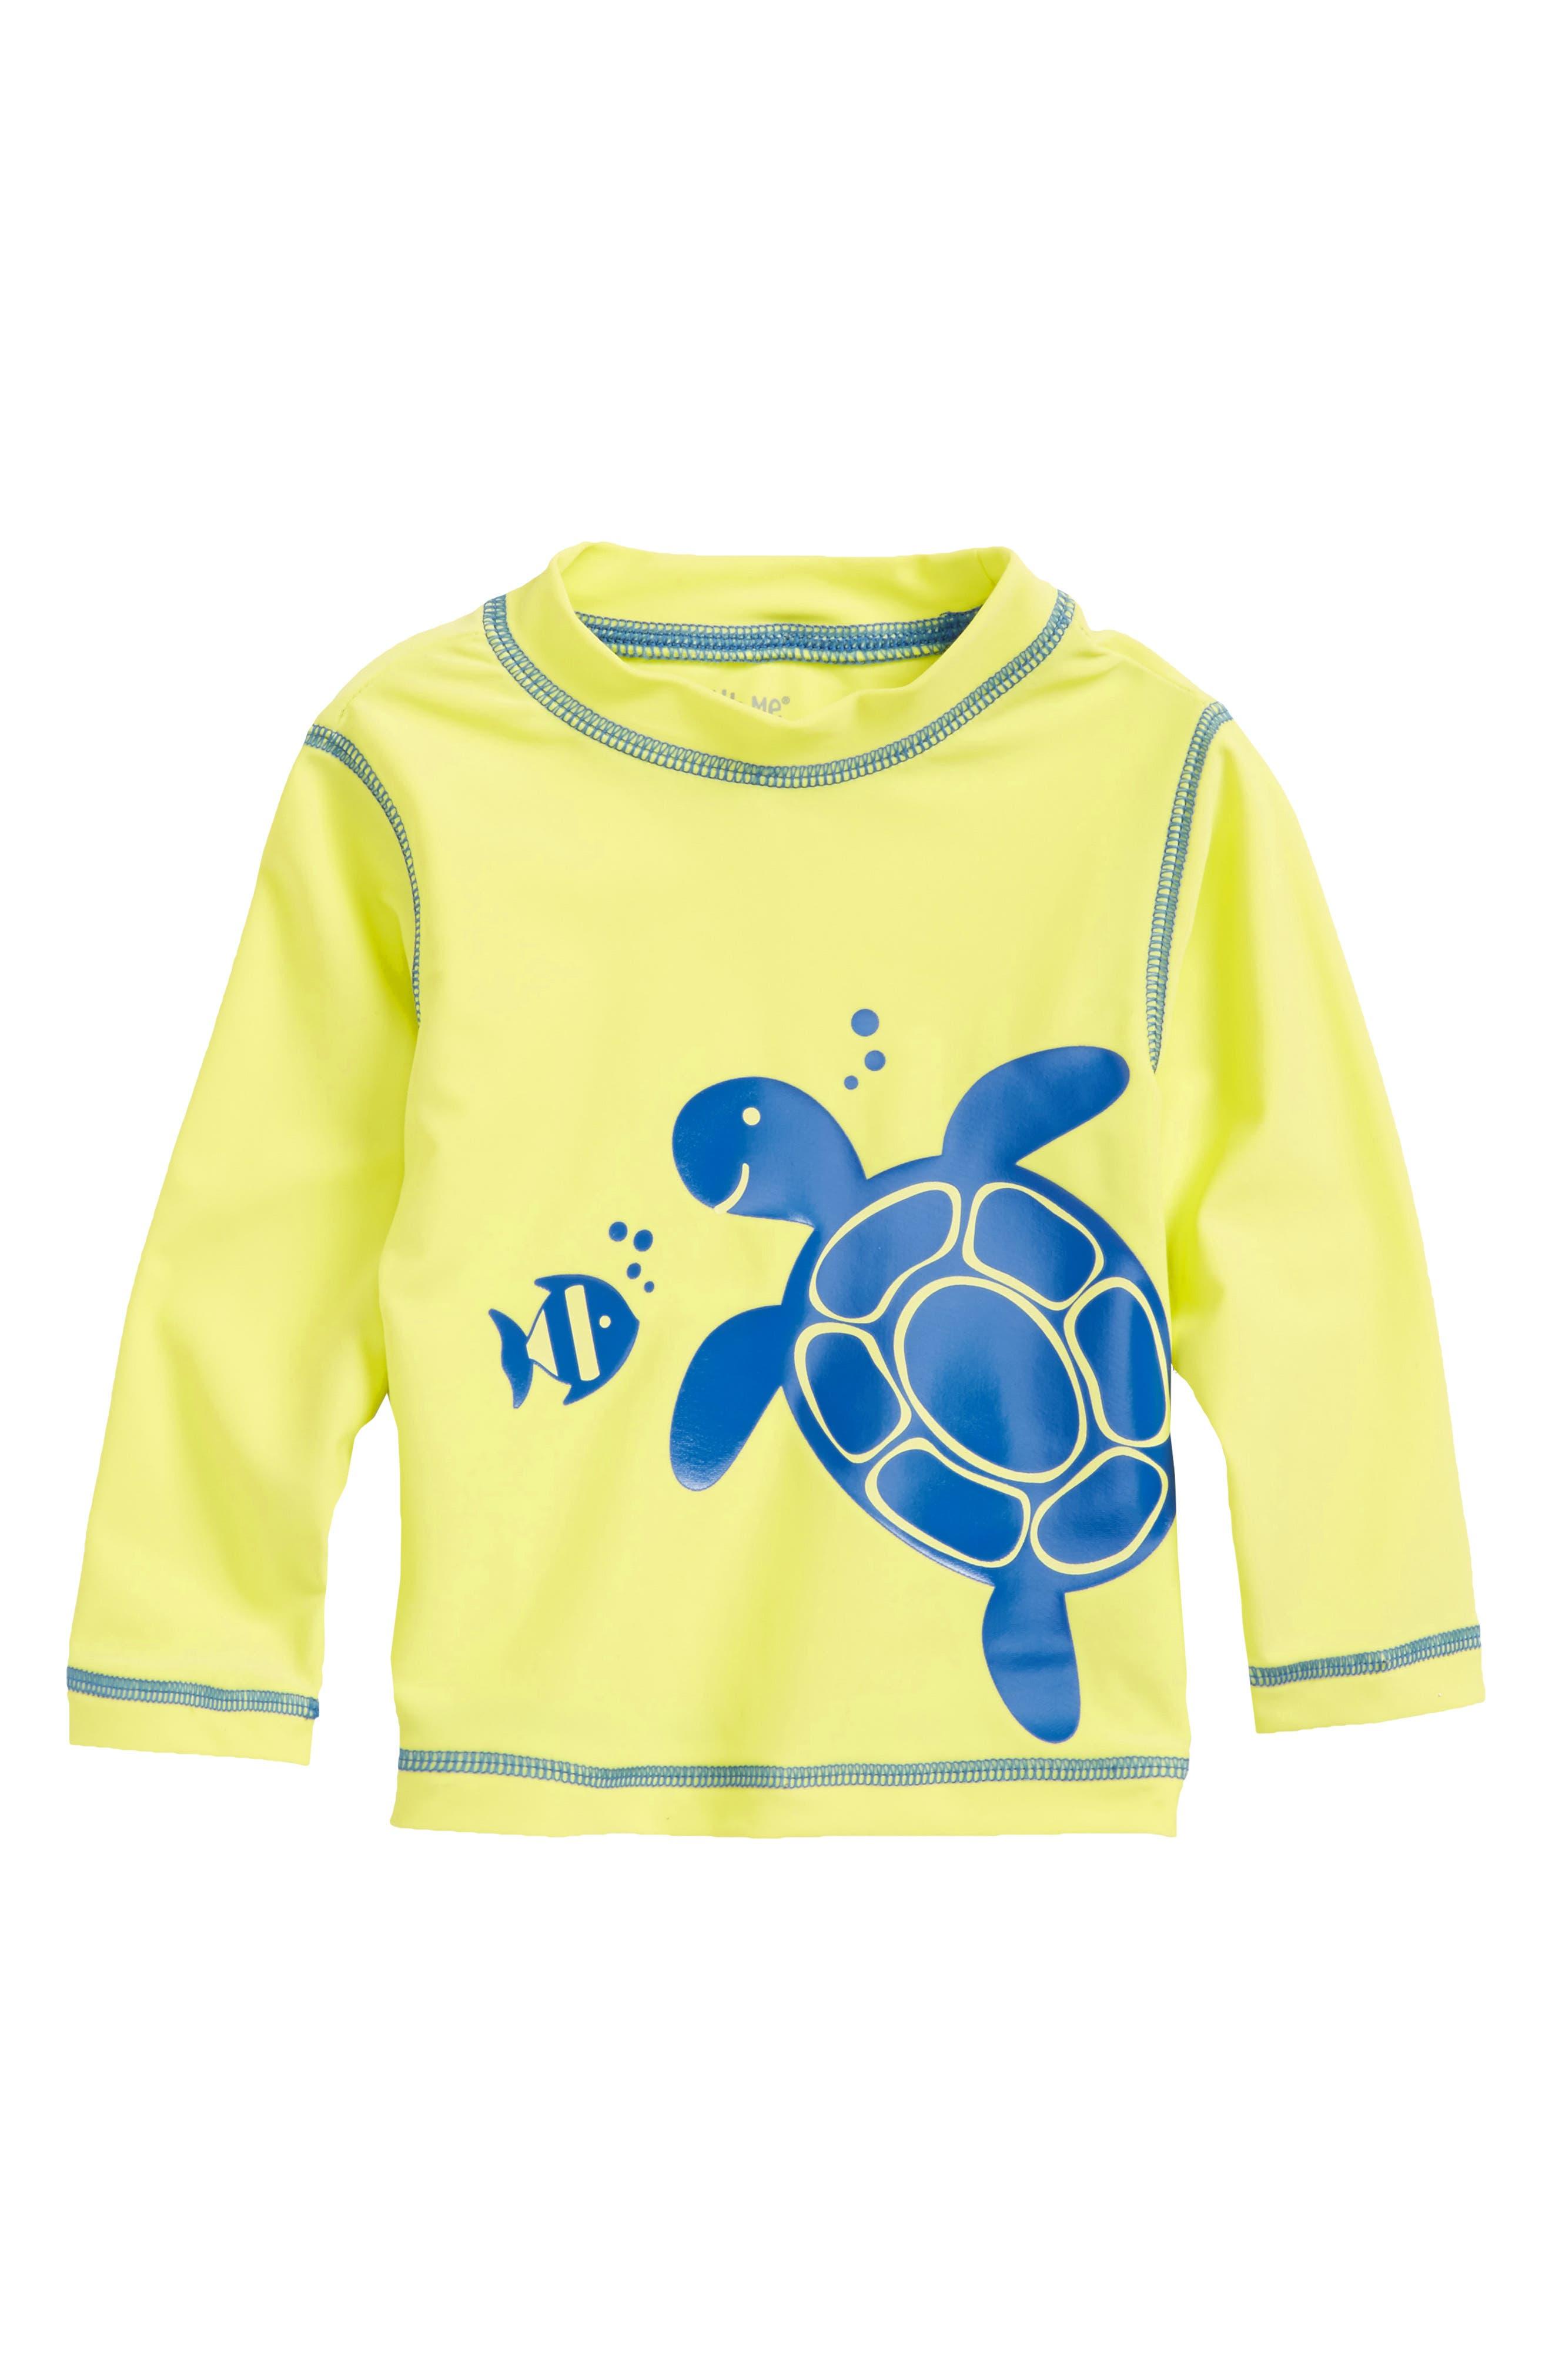 Turtle UPF 50+ Rashguard,                         Main,                         color, 300